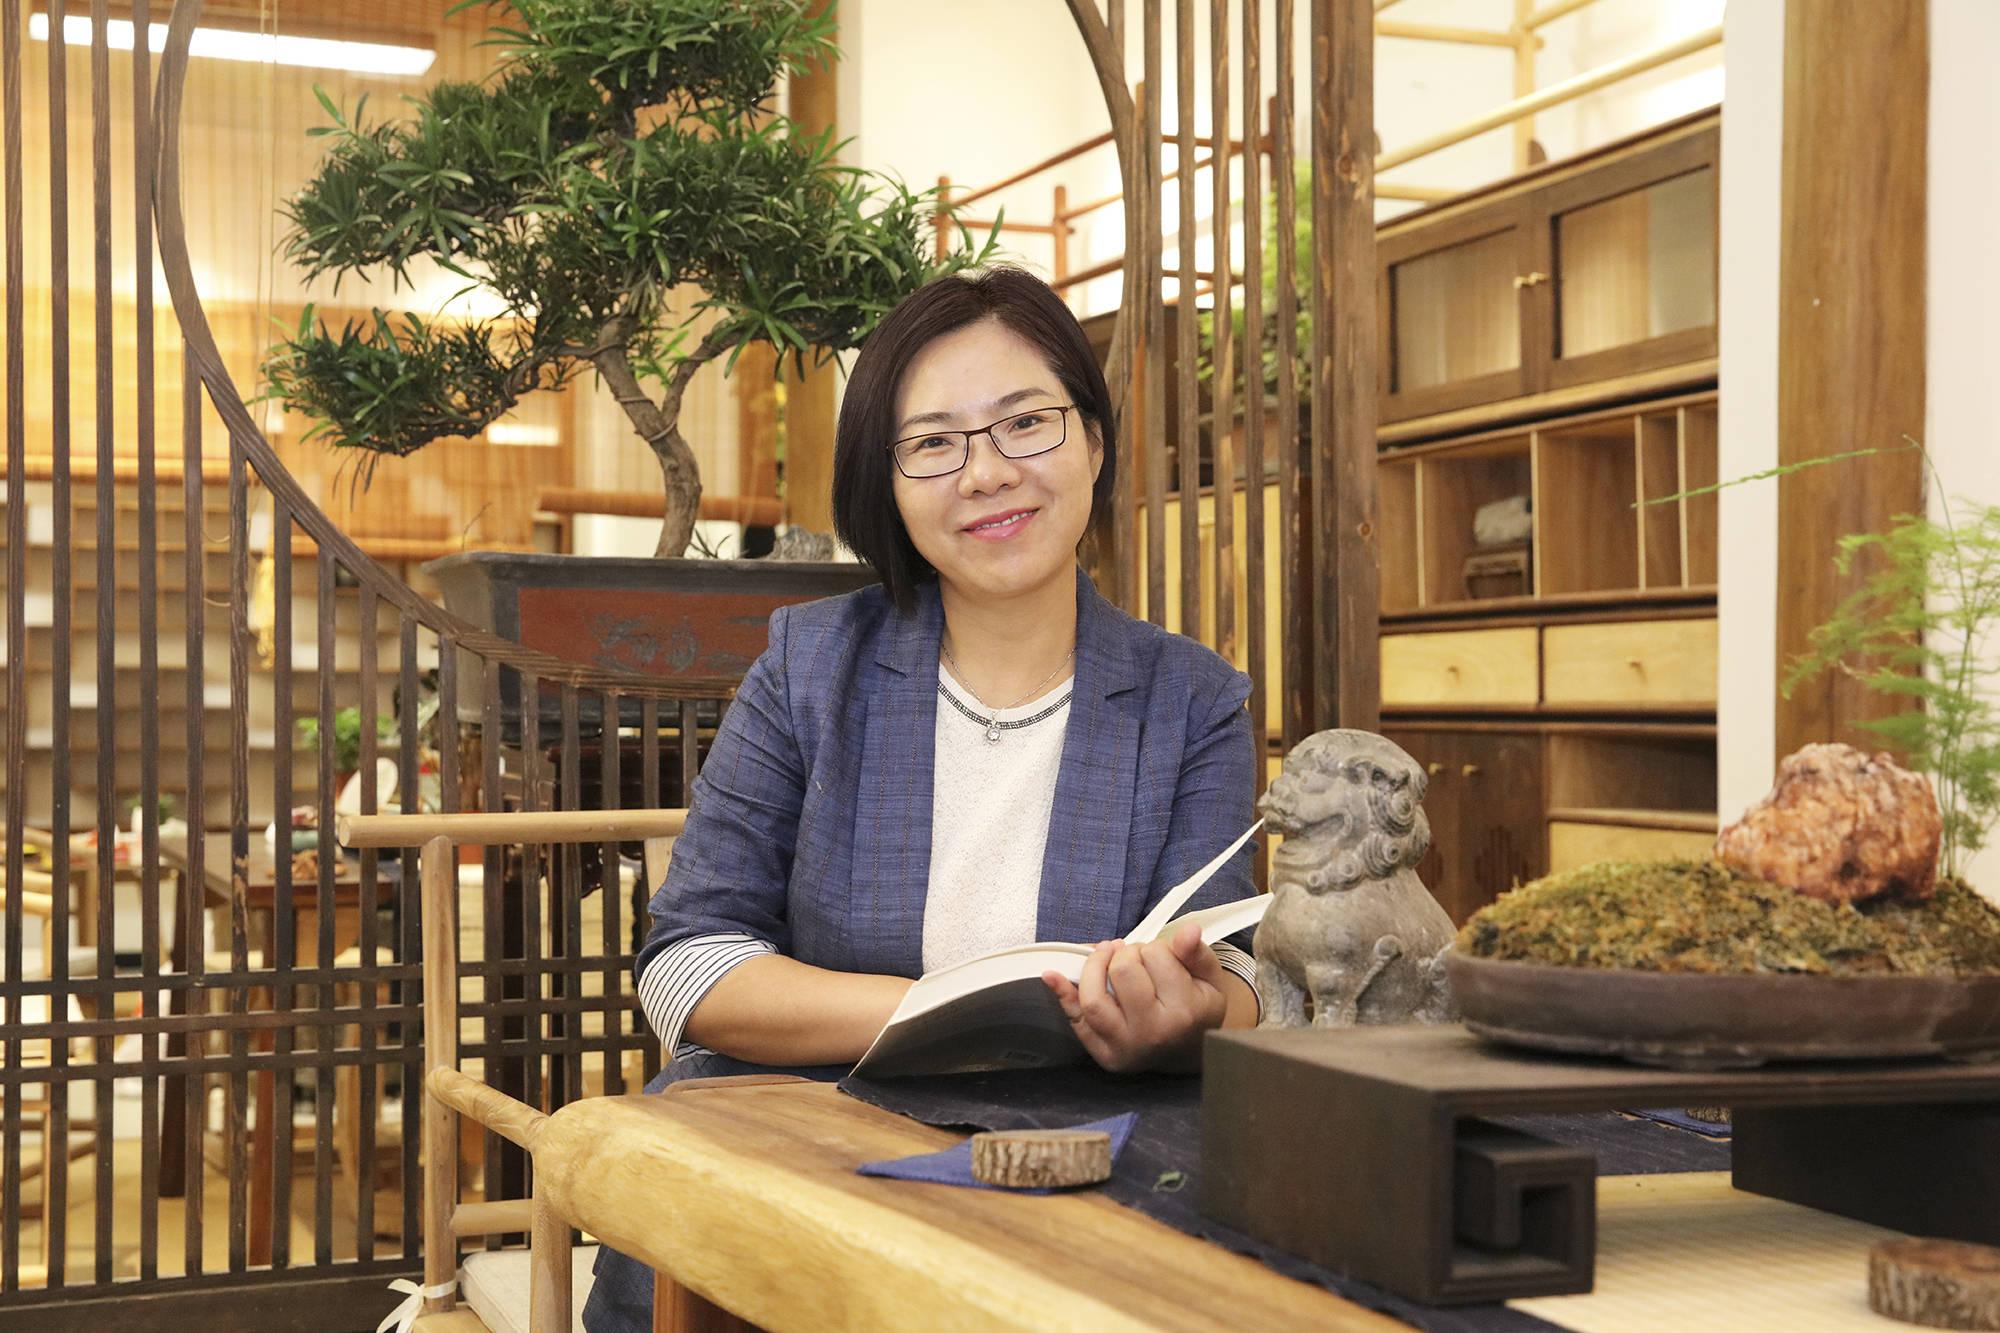 北京十一学校龙樾实验中学校长王海霞:创造适合每位学生发展的教育